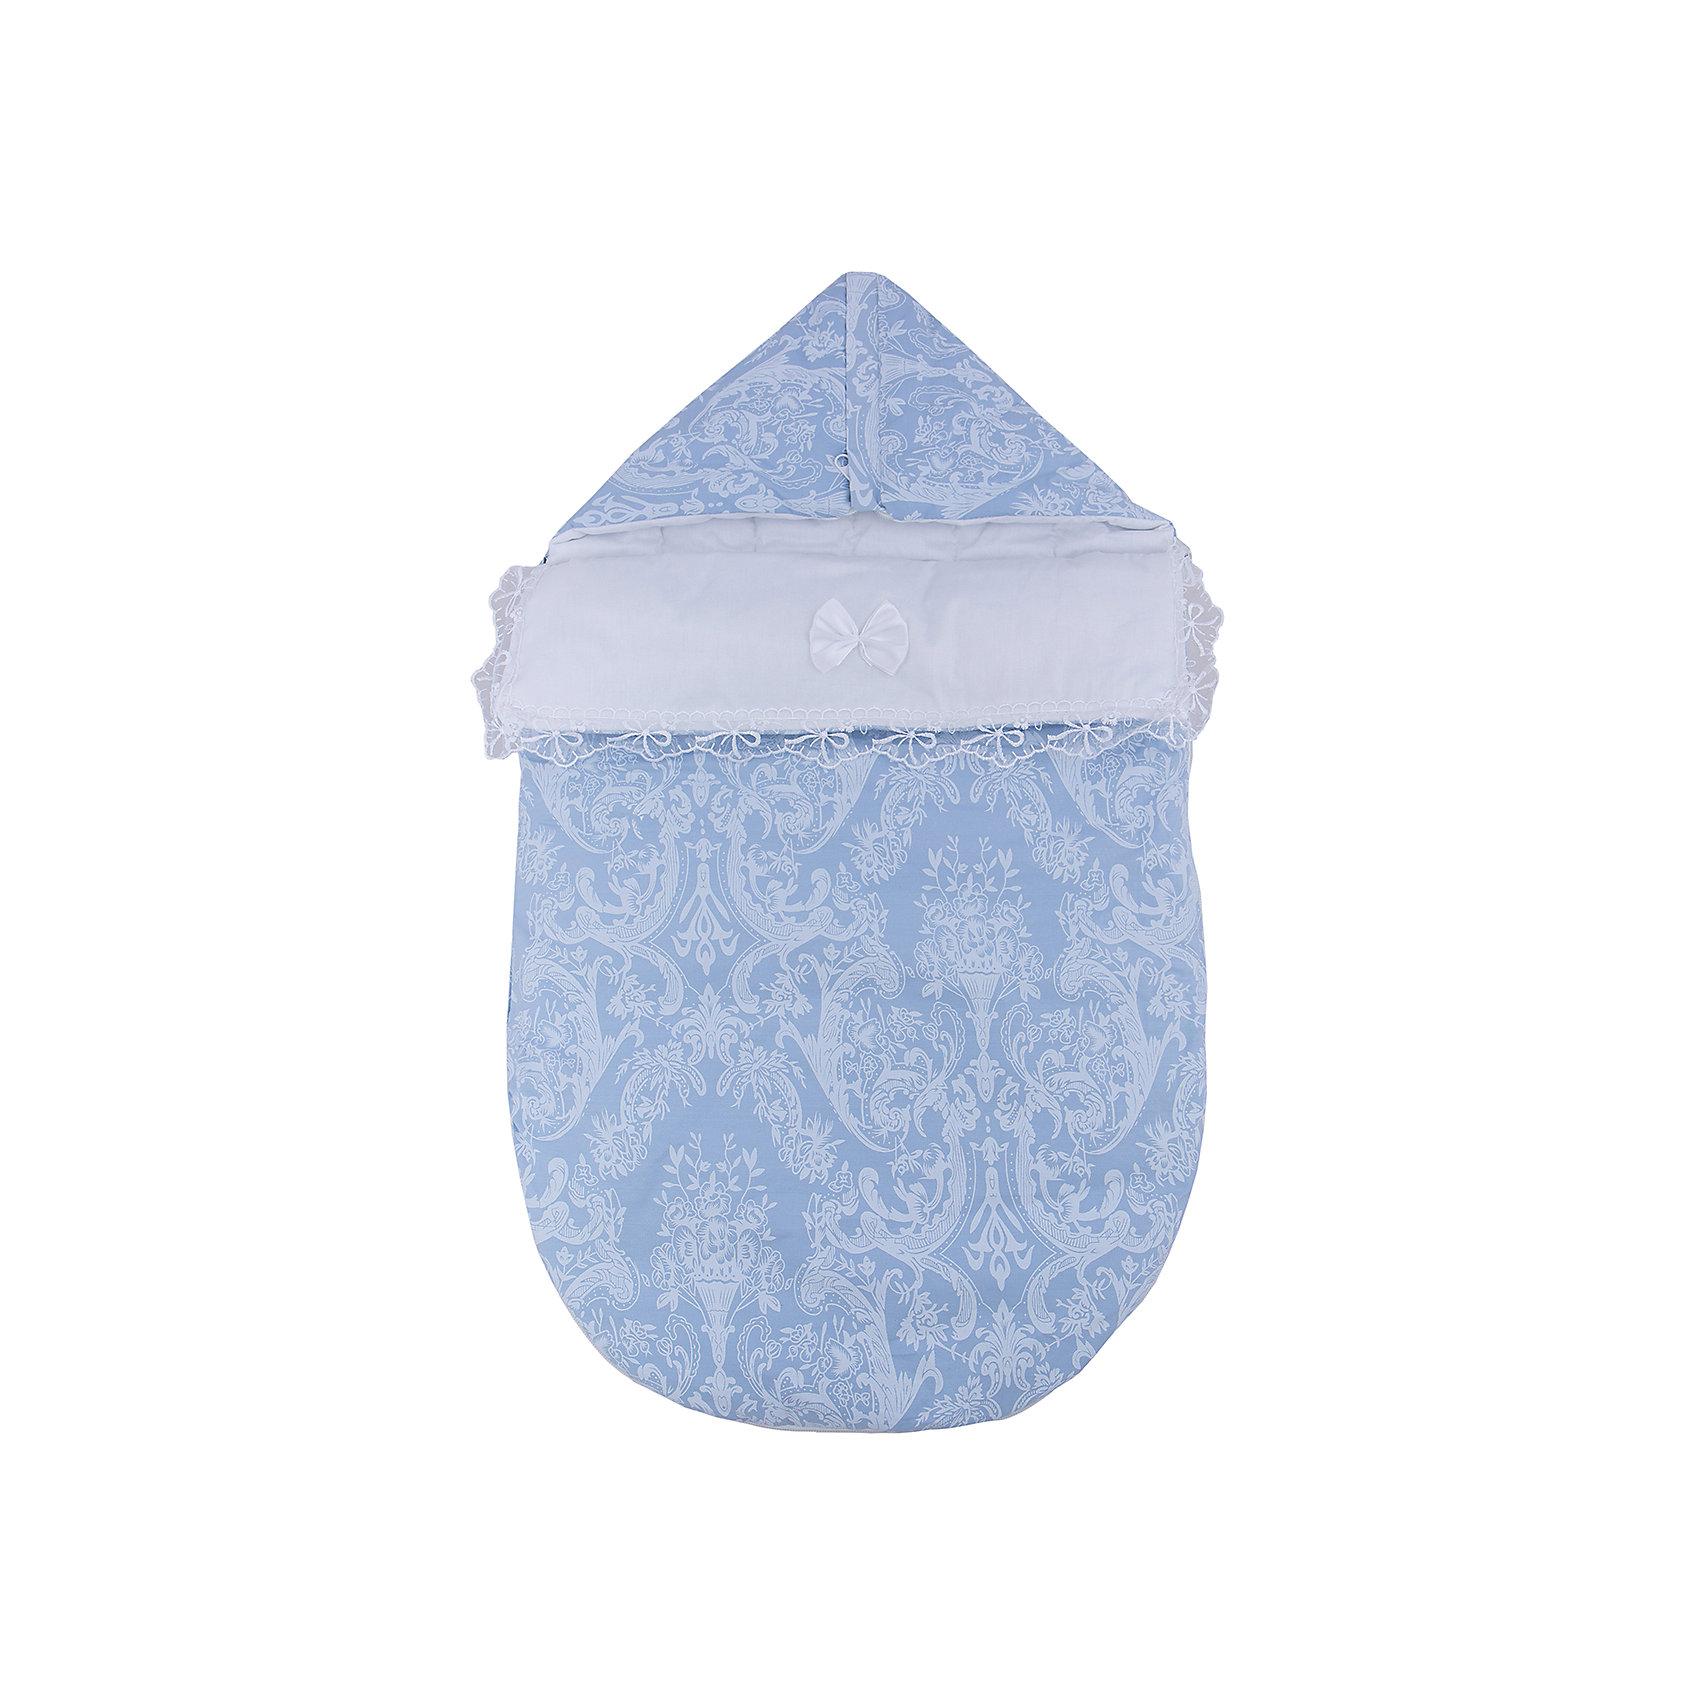 Арго Конверт на выписку НЕЖНОСТЬ, Арго, голубой арго комплект на выписку арго 8 пред лето синтепон пл 100 розовый